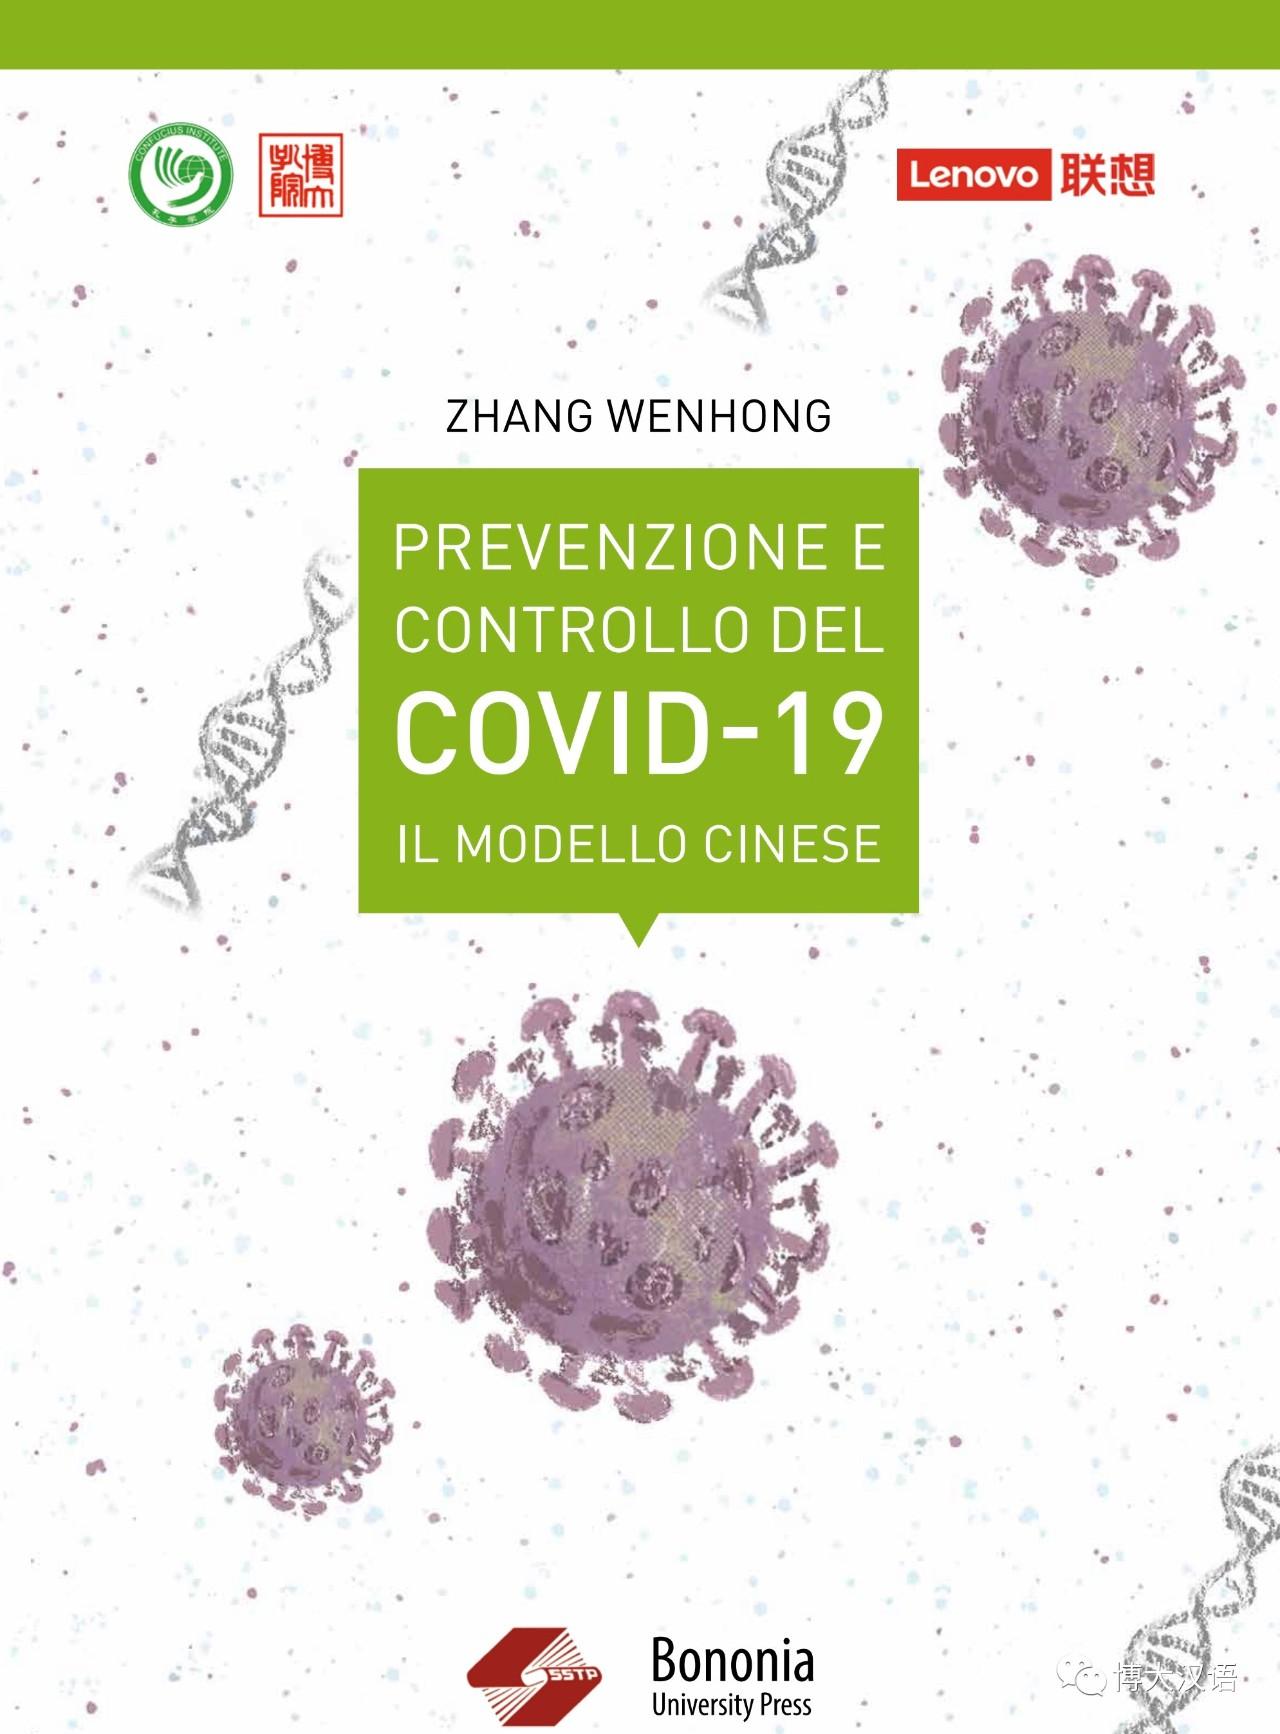 意大利语版《张文宏教授支招防控新型冠状病毒》线上首发图片